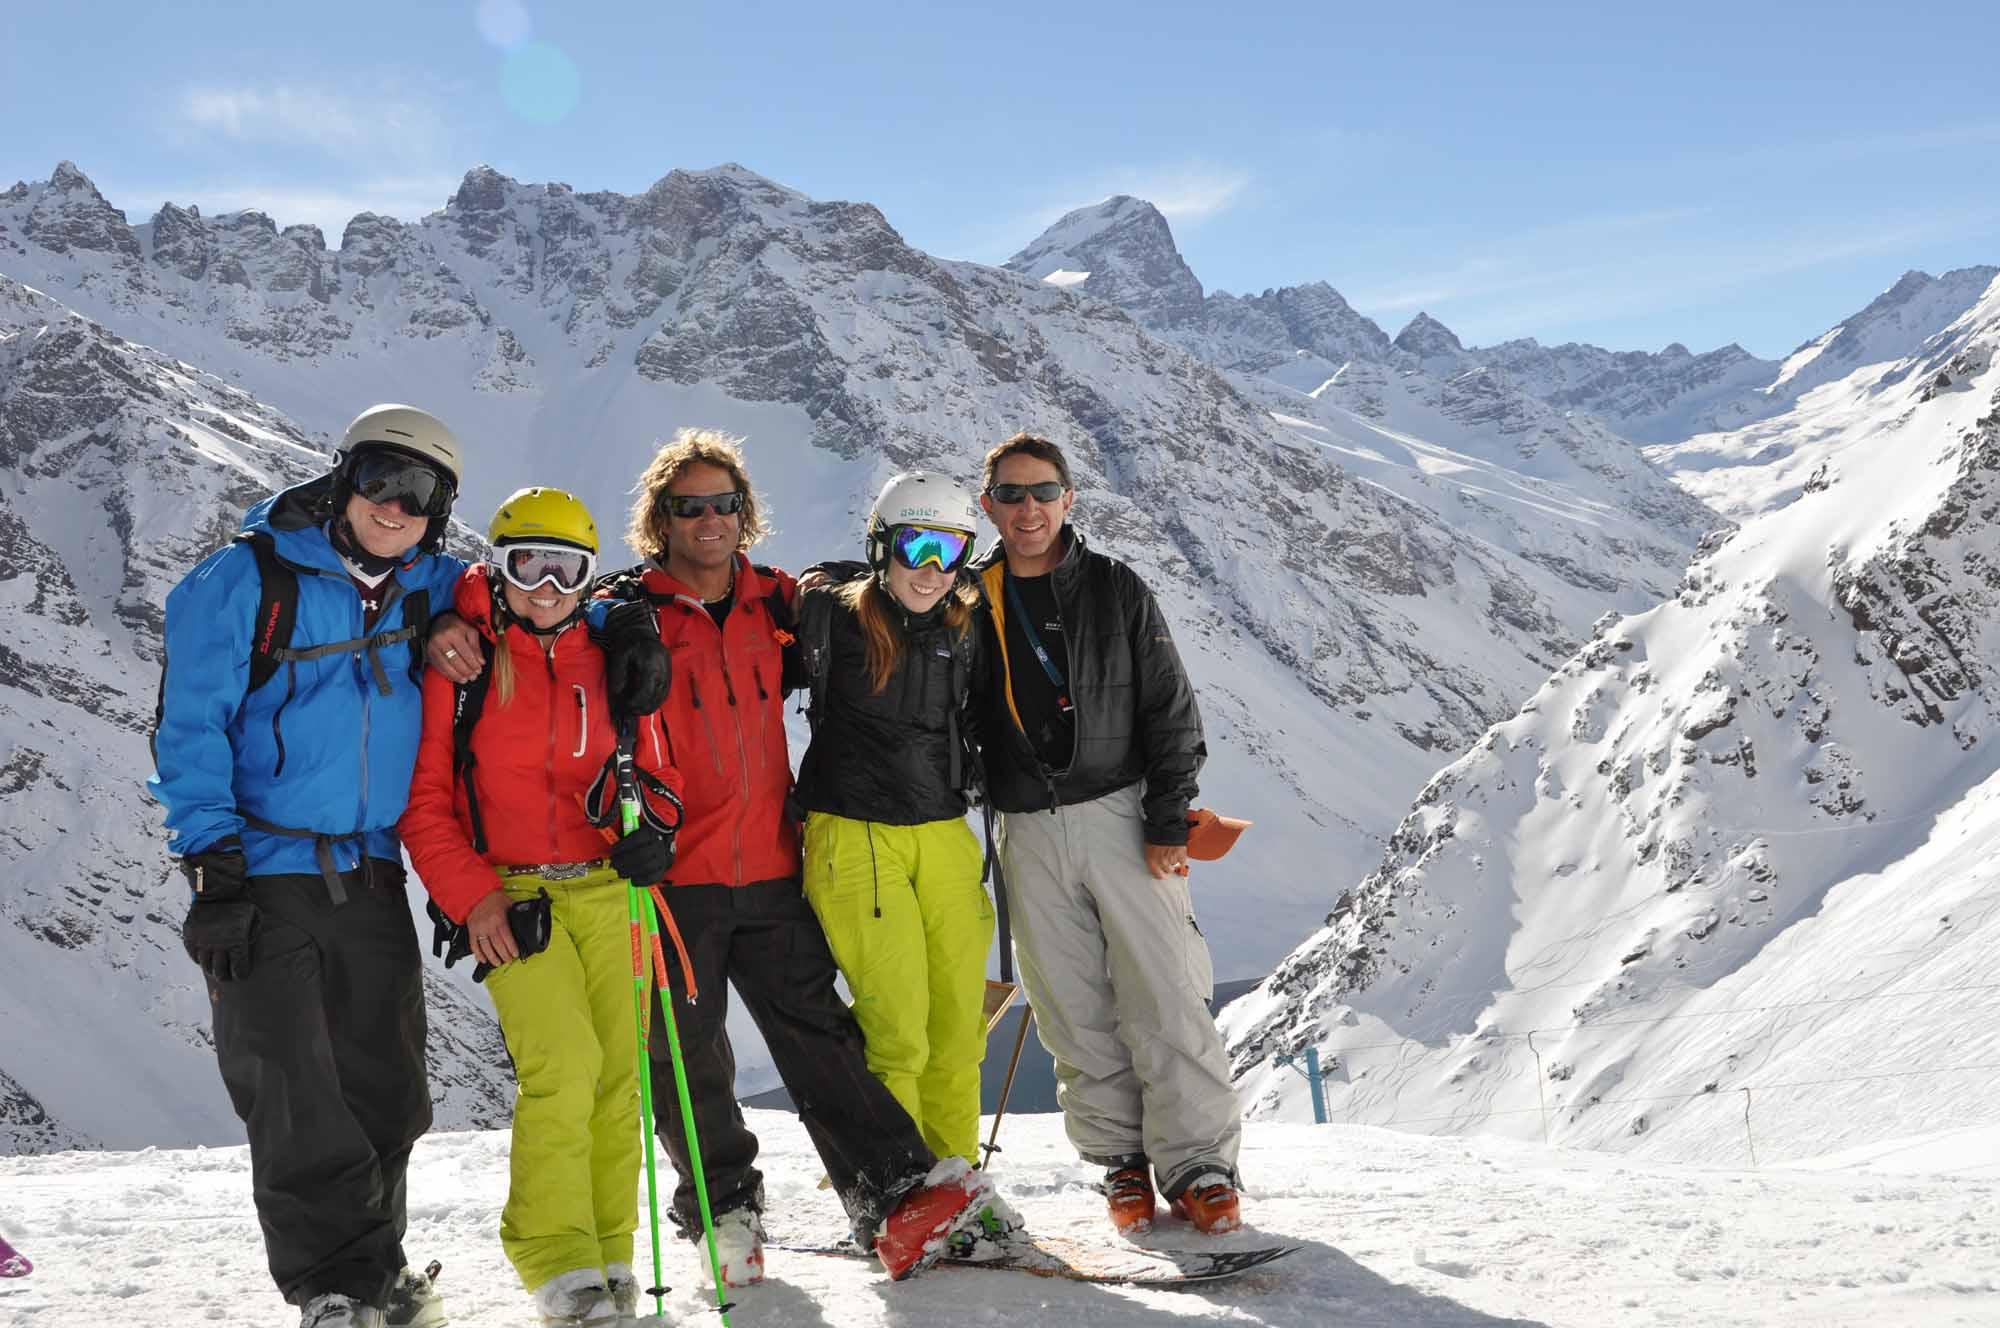 Ski-Portillo-Chile-22.jpg